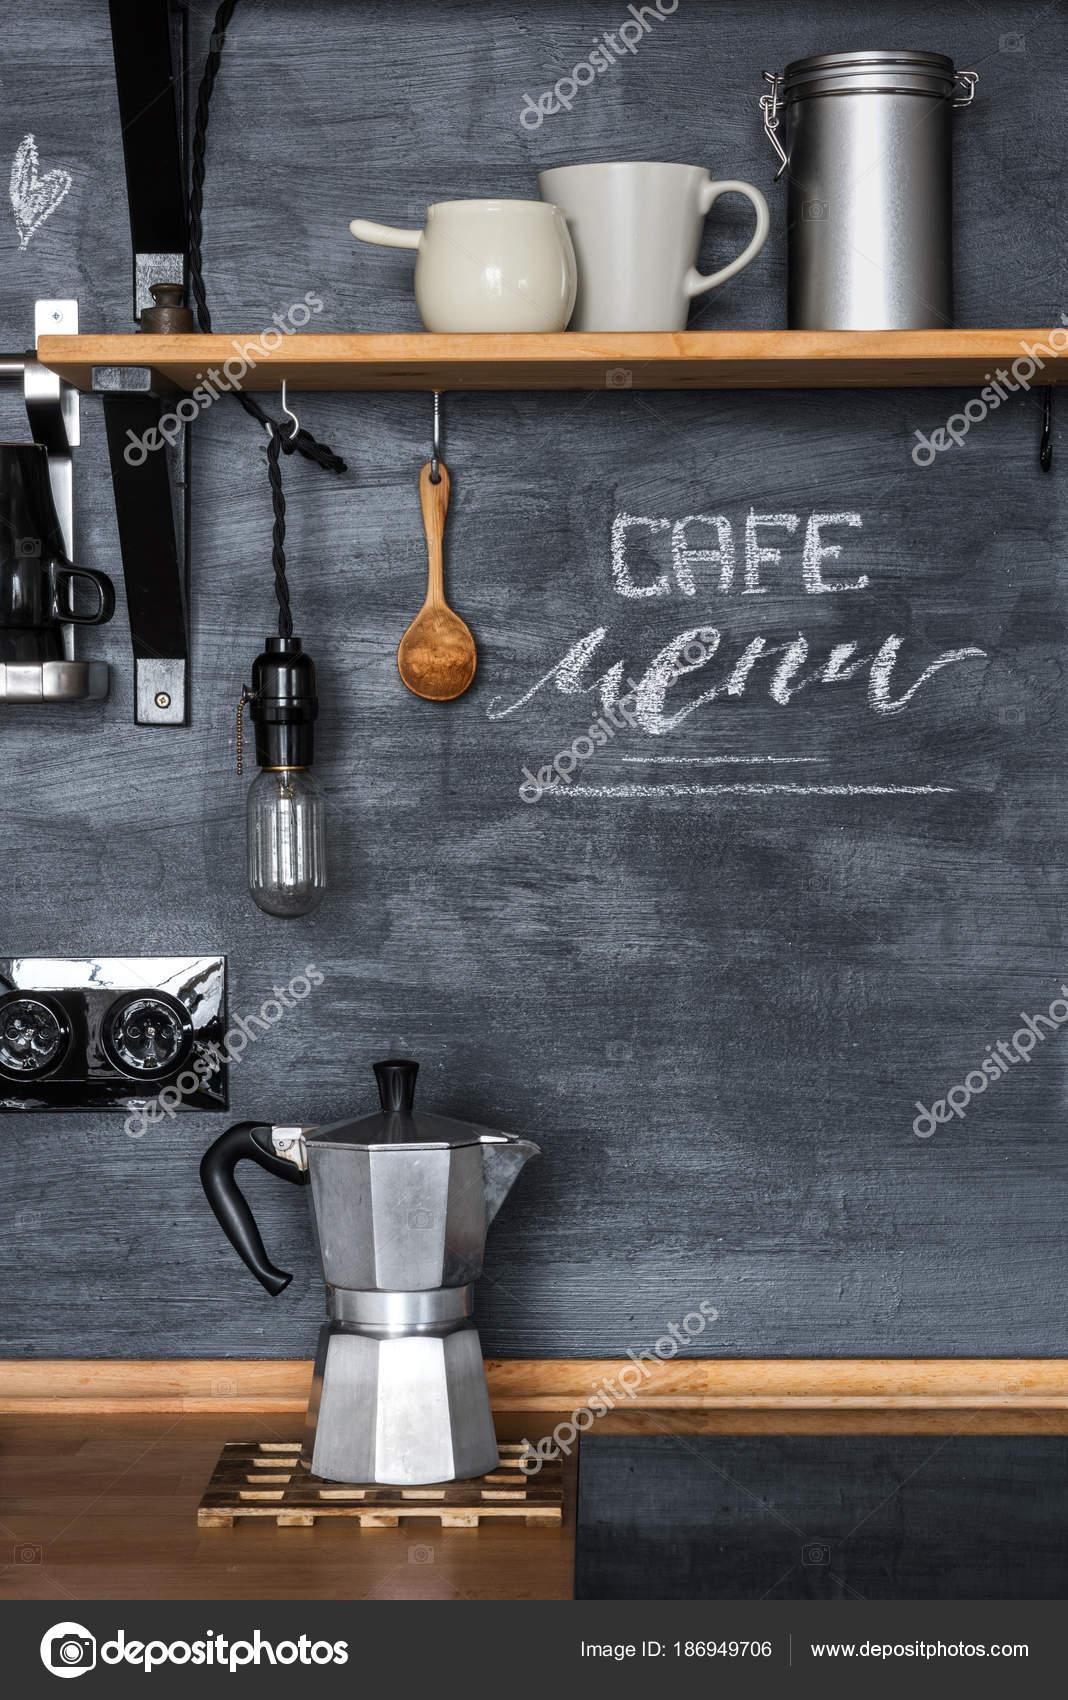 Geysir Kaffeemaschine Auf Dem Hintergrund Einer Dunklen Kalkhaltigen ...